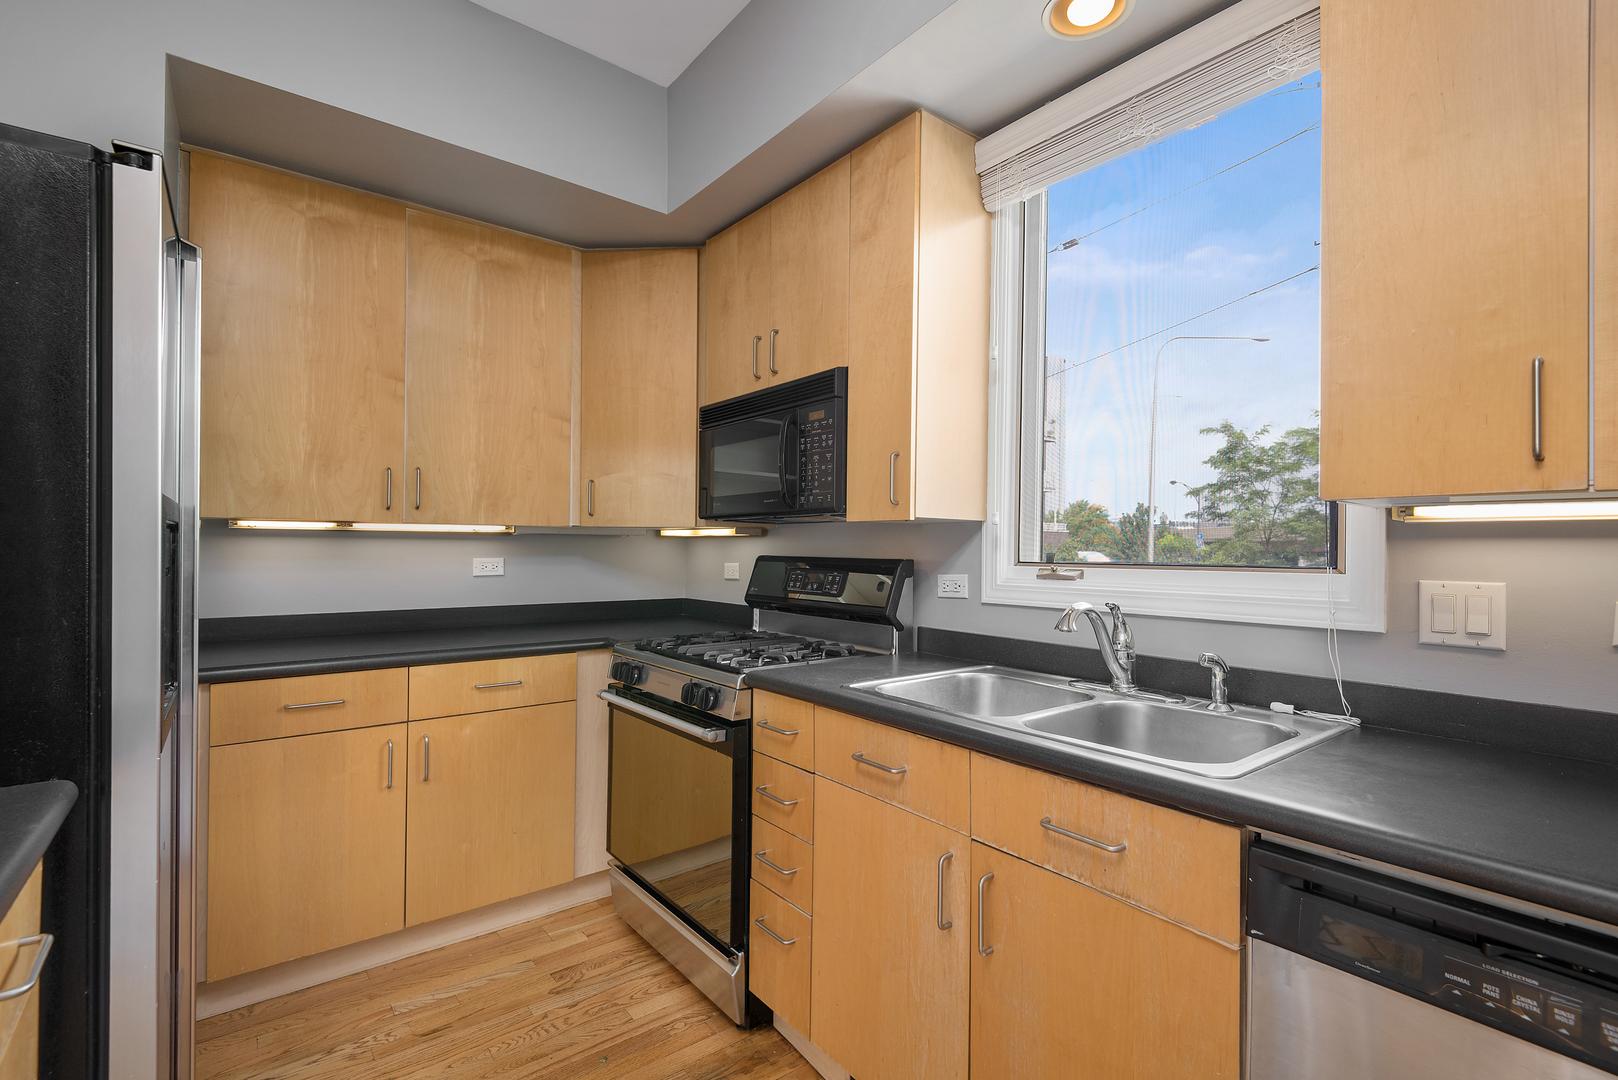 Hd 1502385868518 ml kitchen